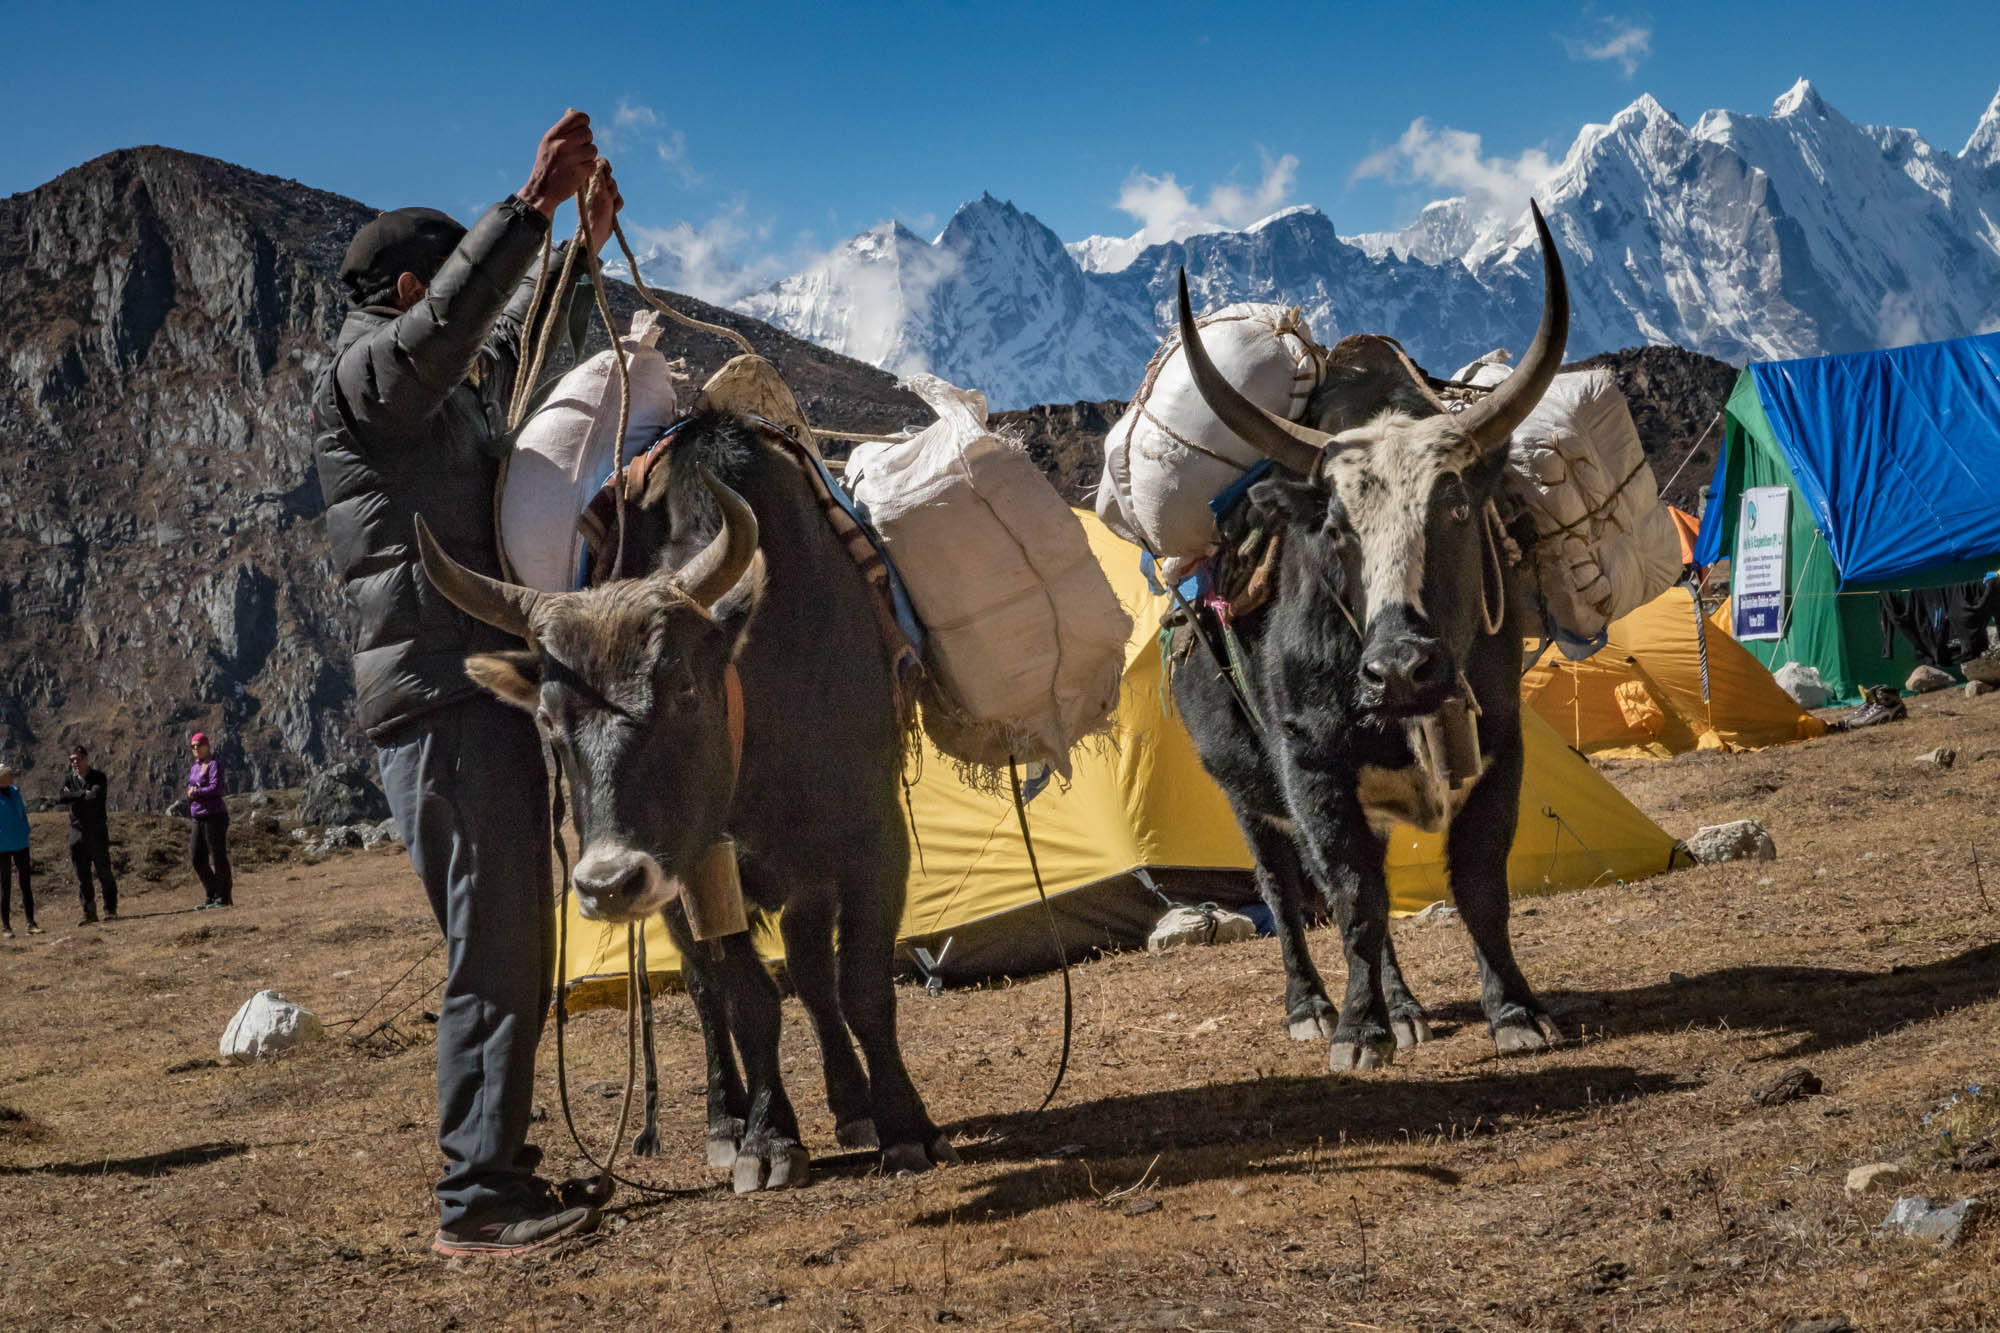 Yaks, Esel und Jockeys spielen beim Expeditions-Bergsteigen eine tragende Rolle